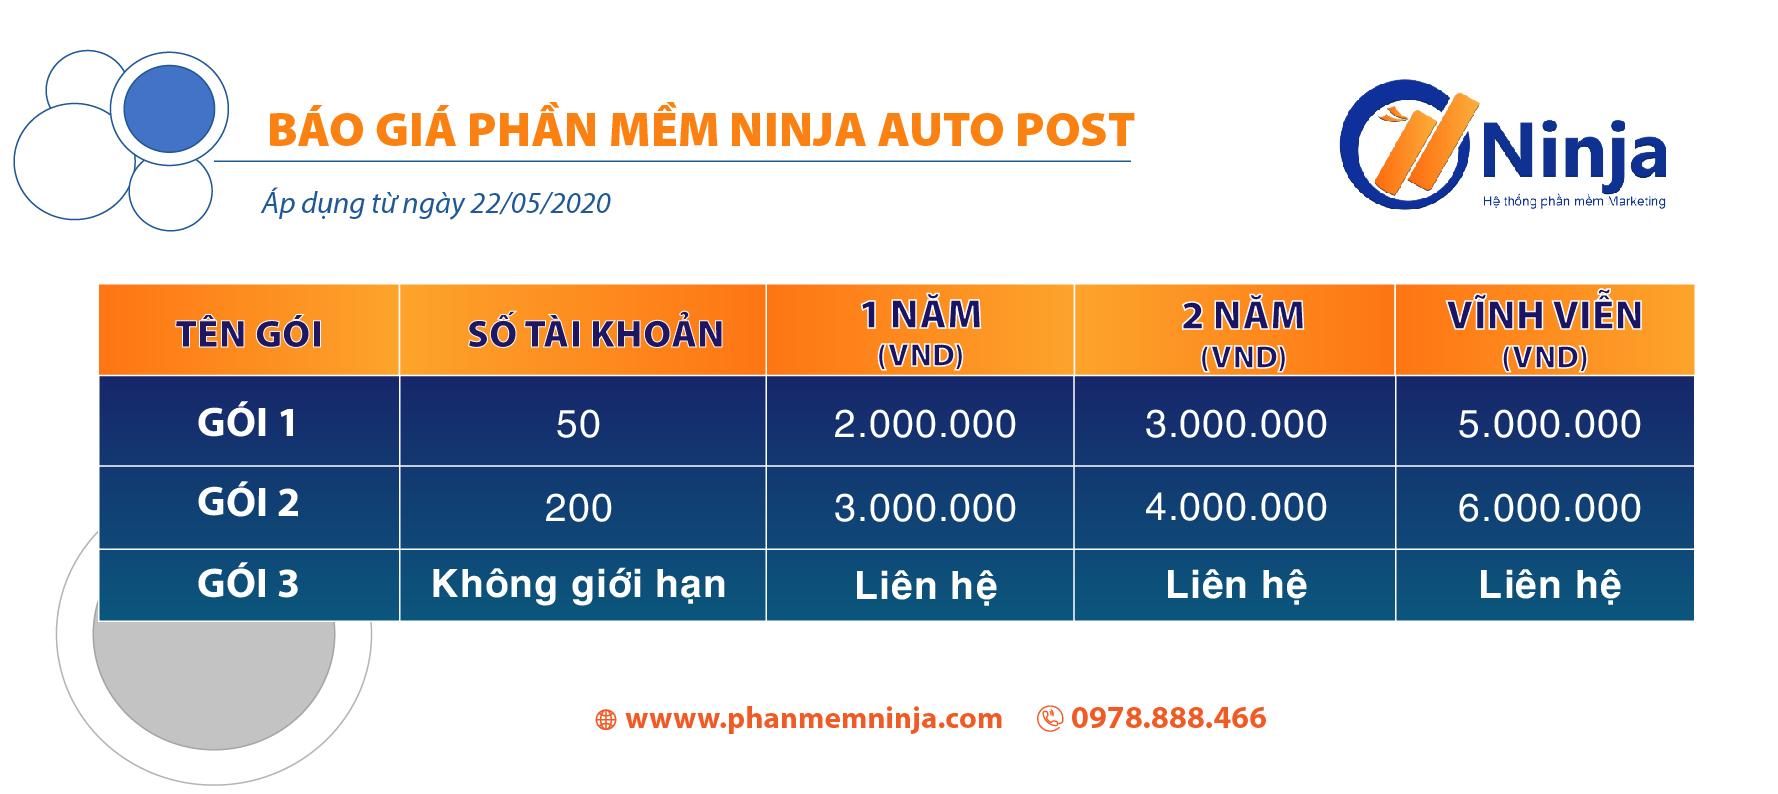 báo giá autopost Ninja Auto Post   Phần mềm đăng bài Facebook tự động nhanh chóng